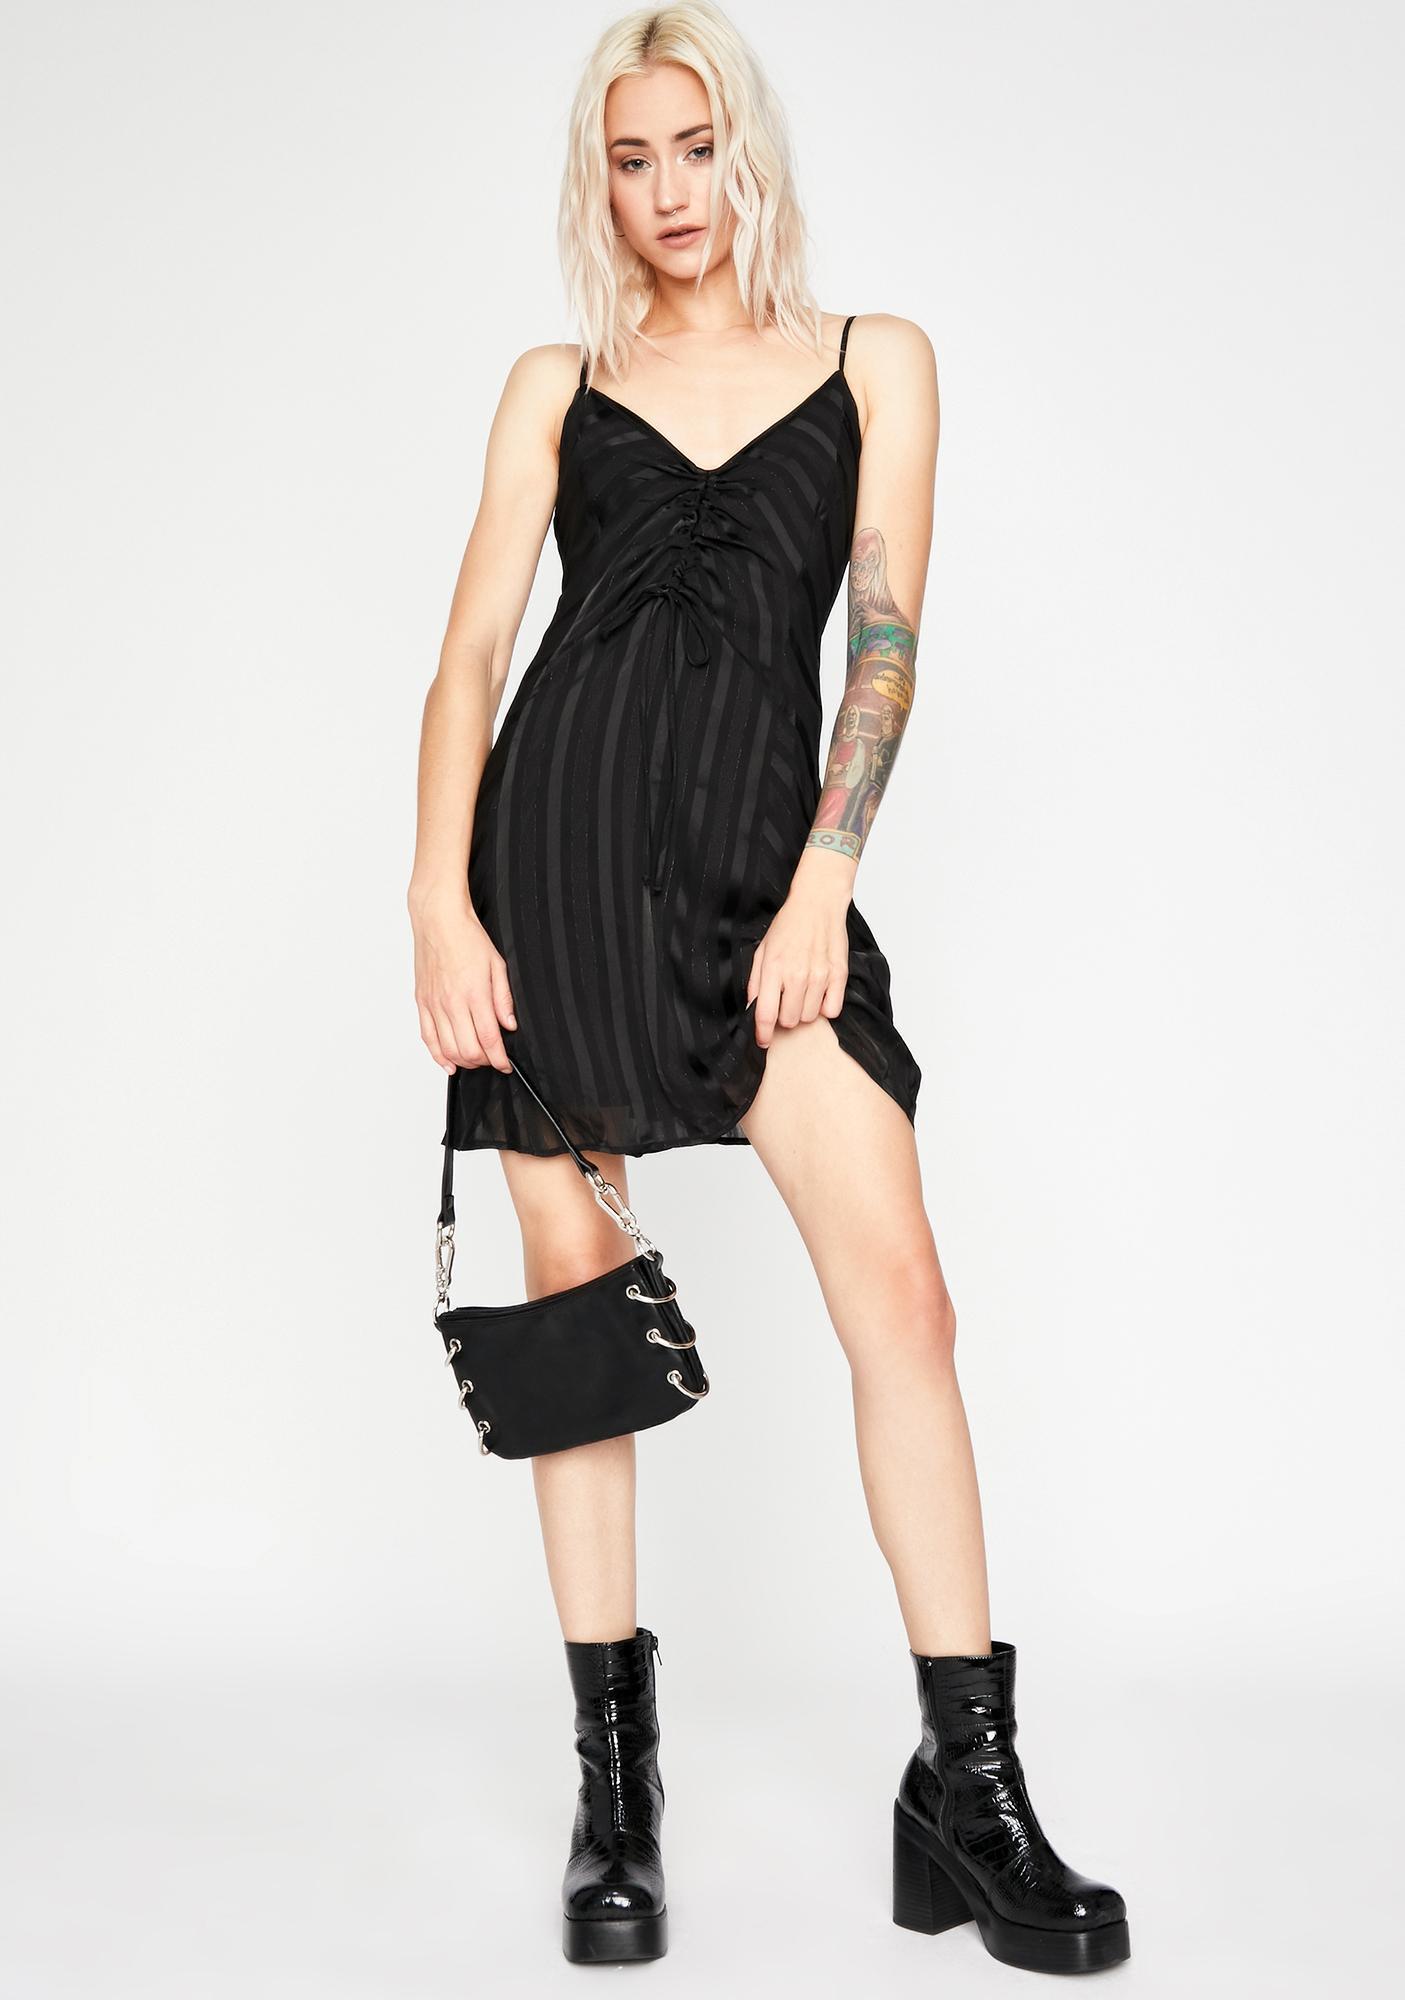 Classy Fling Slip Dress